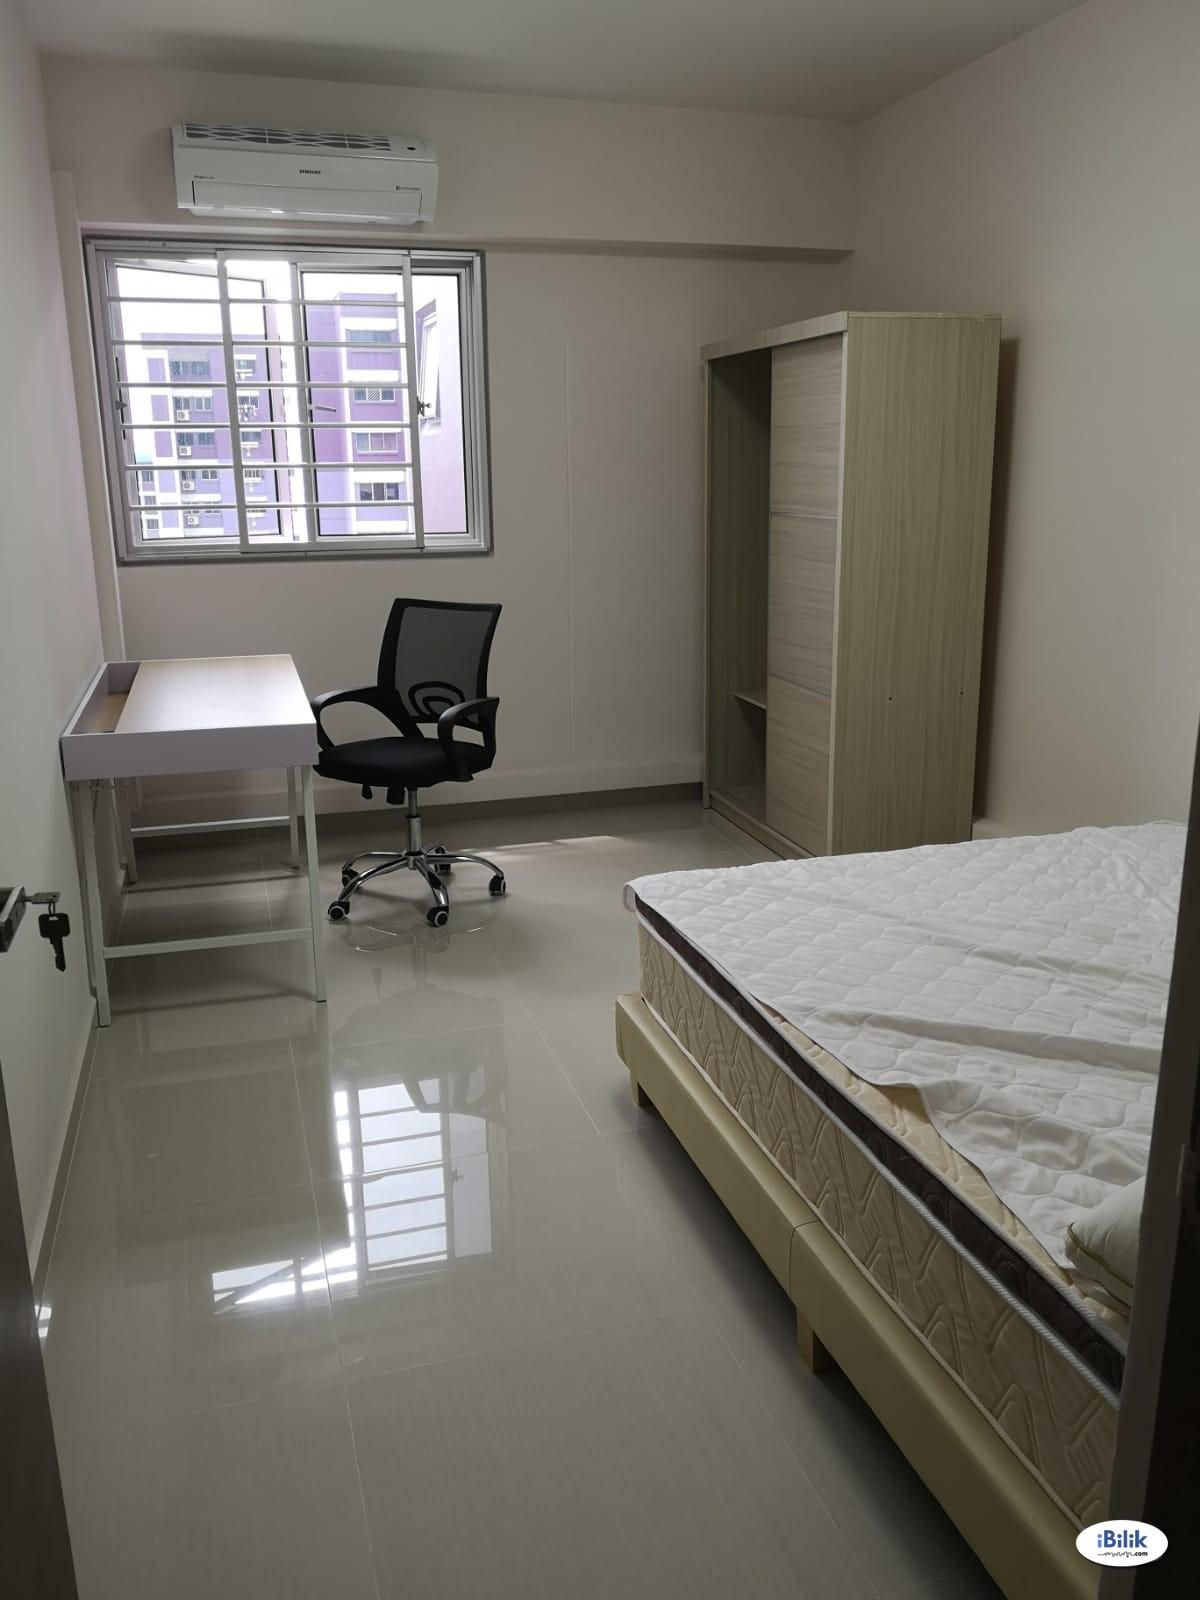 Single Room at Jurong West, Jurong